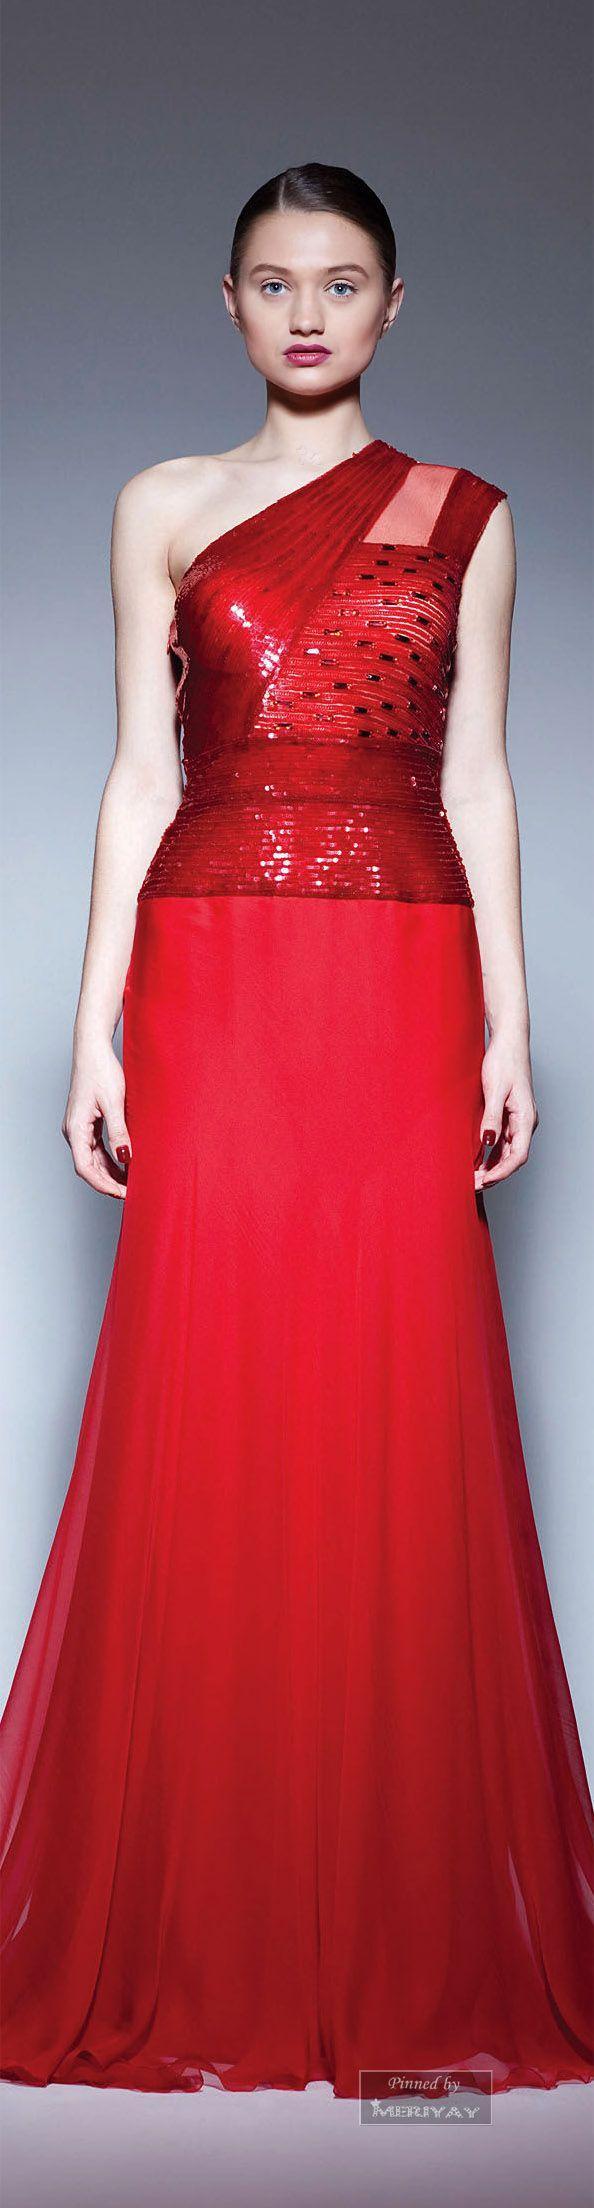 Wedding - Red Fashion